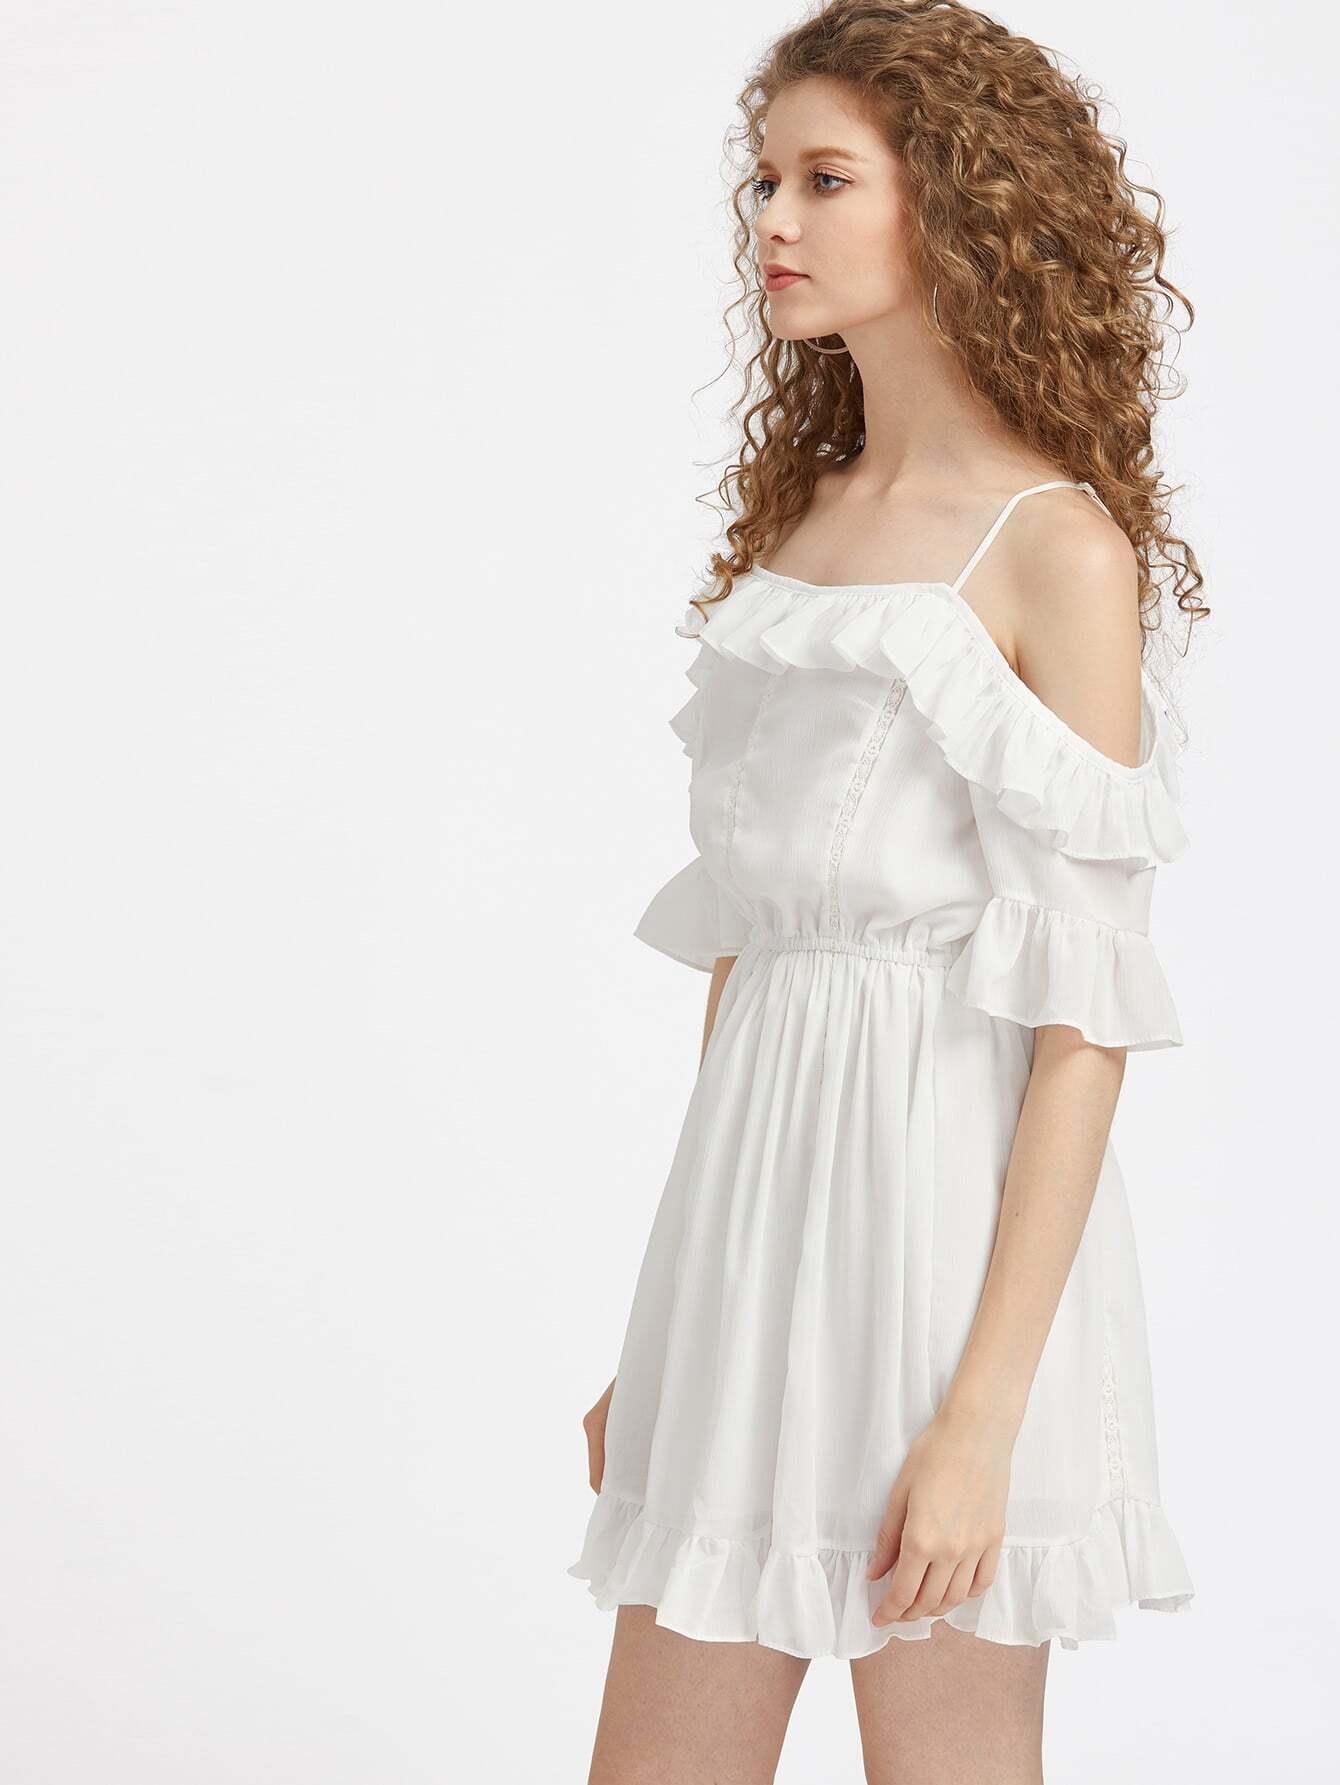 dress170412450_2